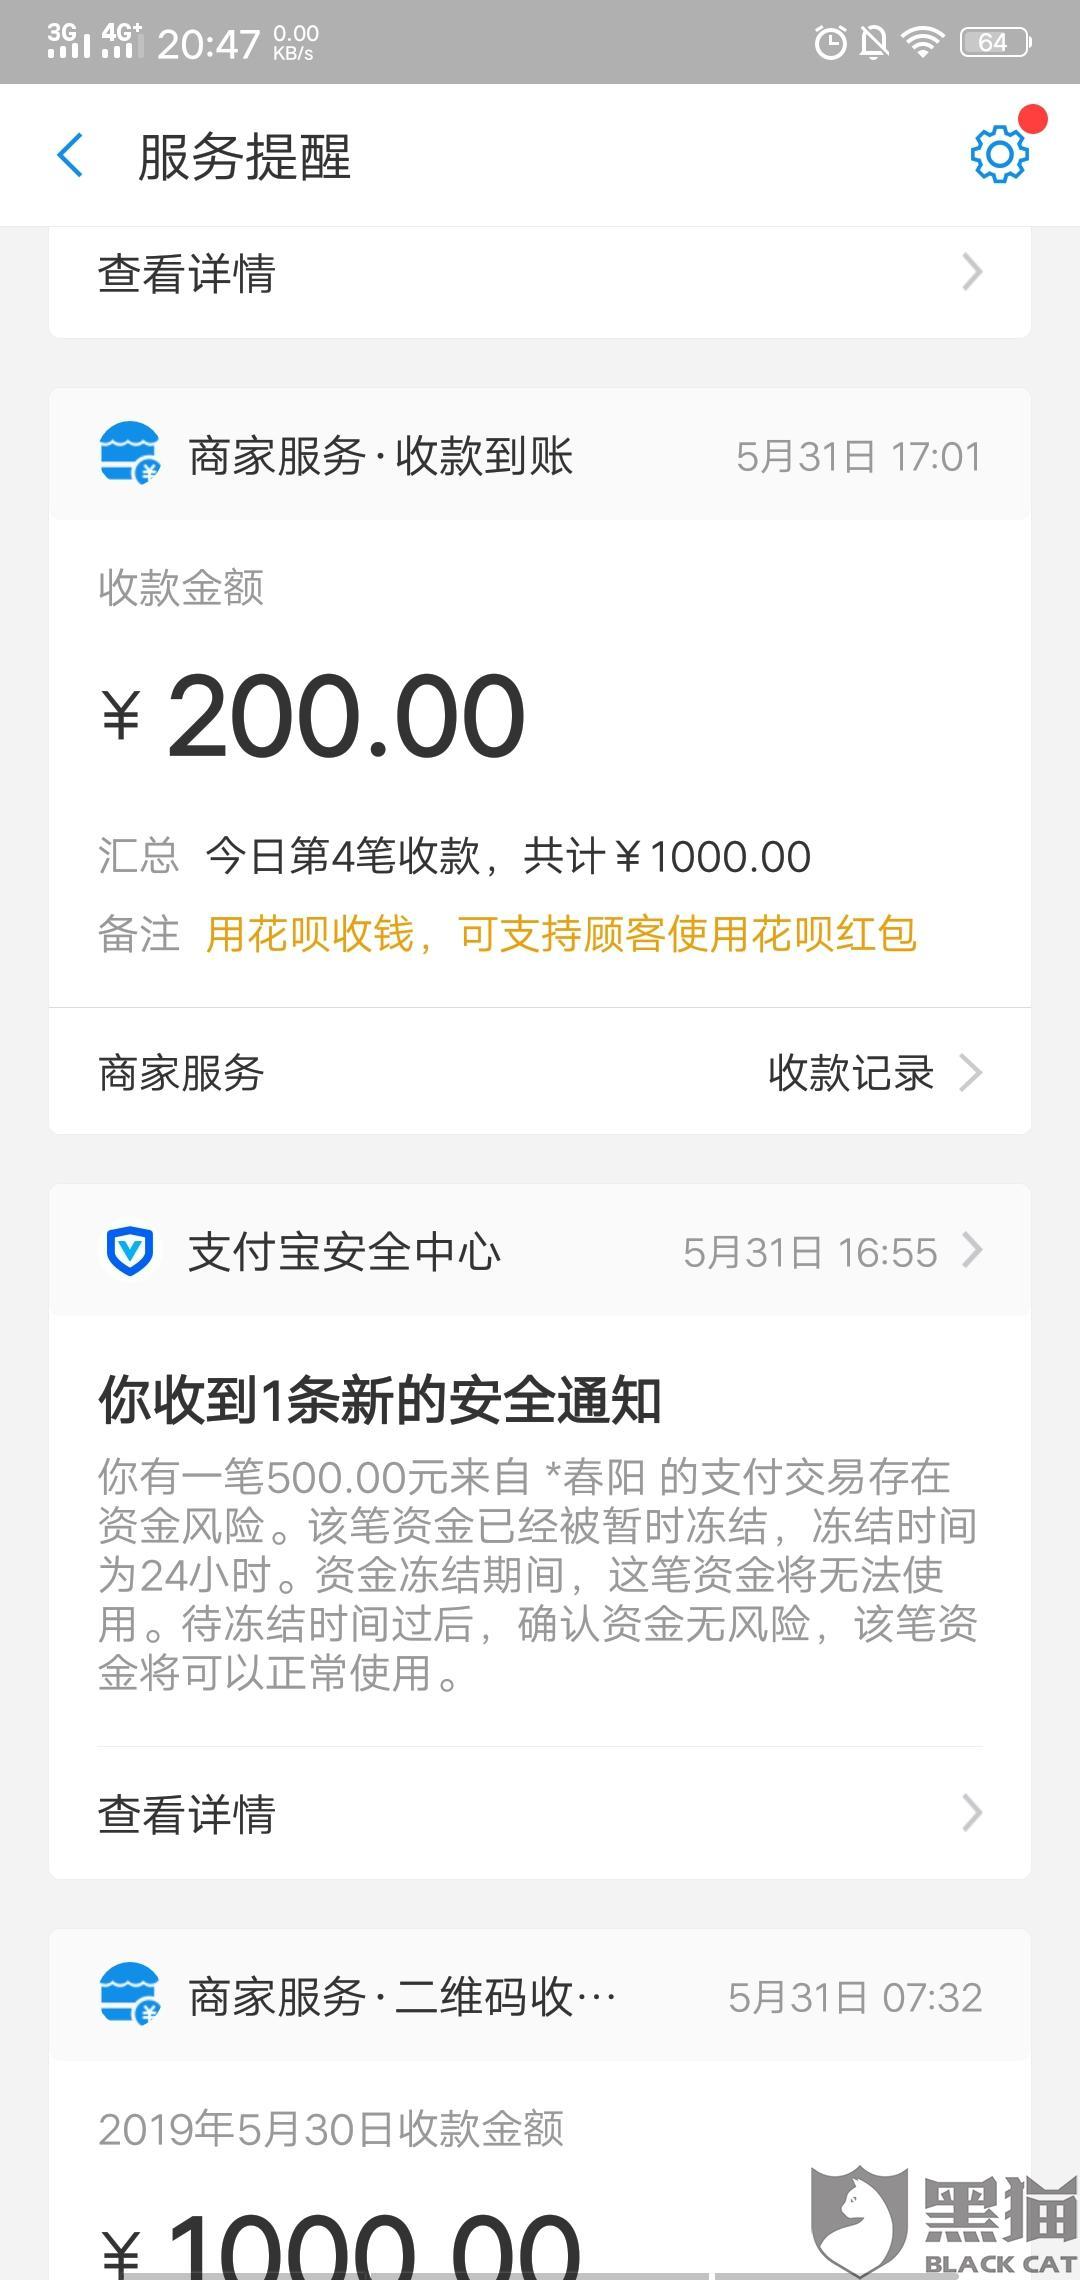 黑猫投诉:支付宝冻结客户给我的转账500元不退还